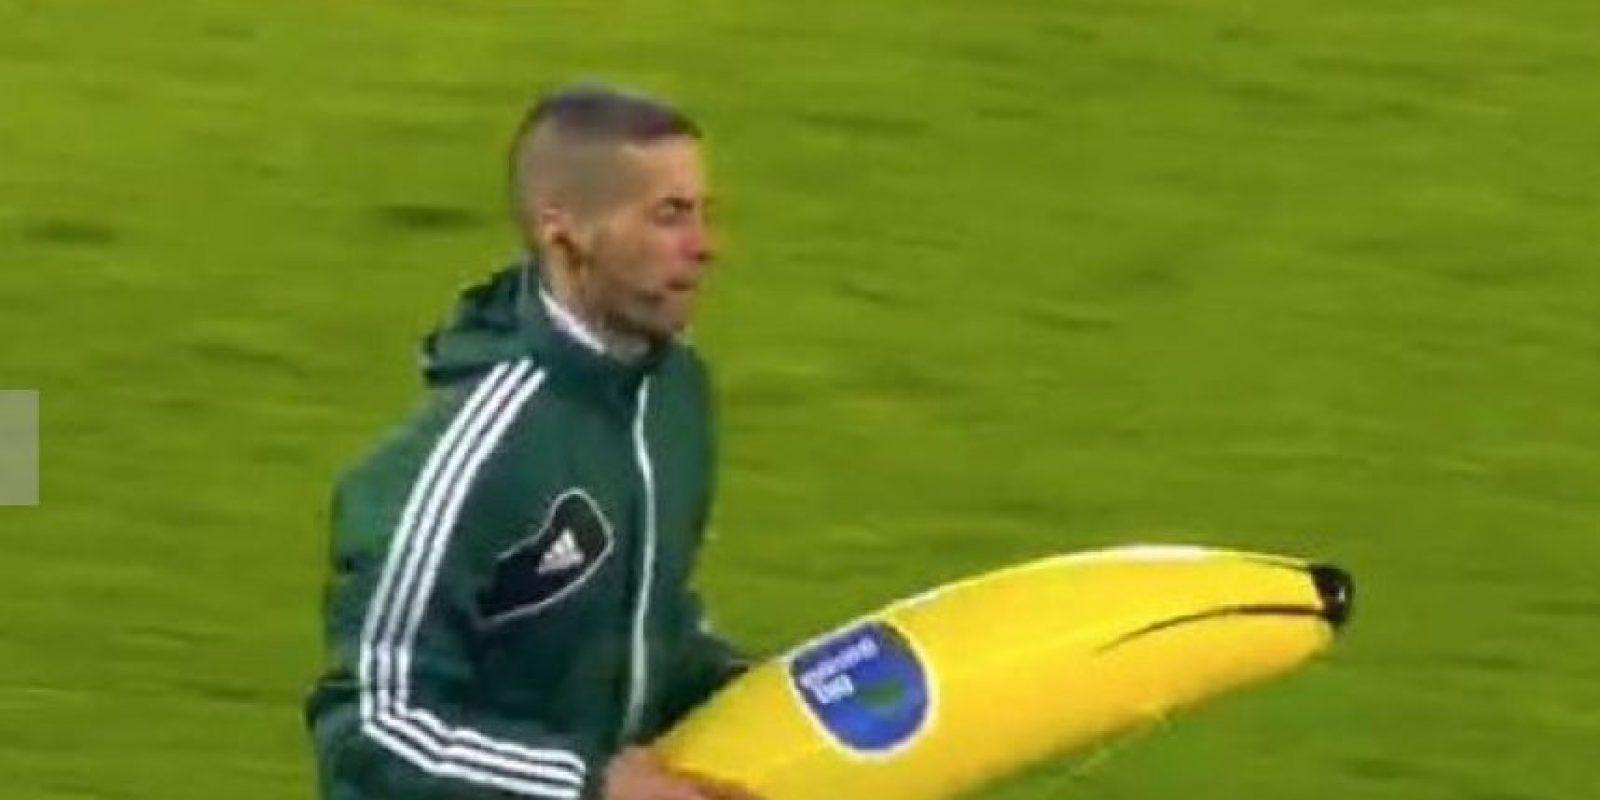 Un grupo de aficionados le lanzó un banano inflable al jugador de la Roma quien luego le anotó un gol al Feyenoord. Foto:Publinews